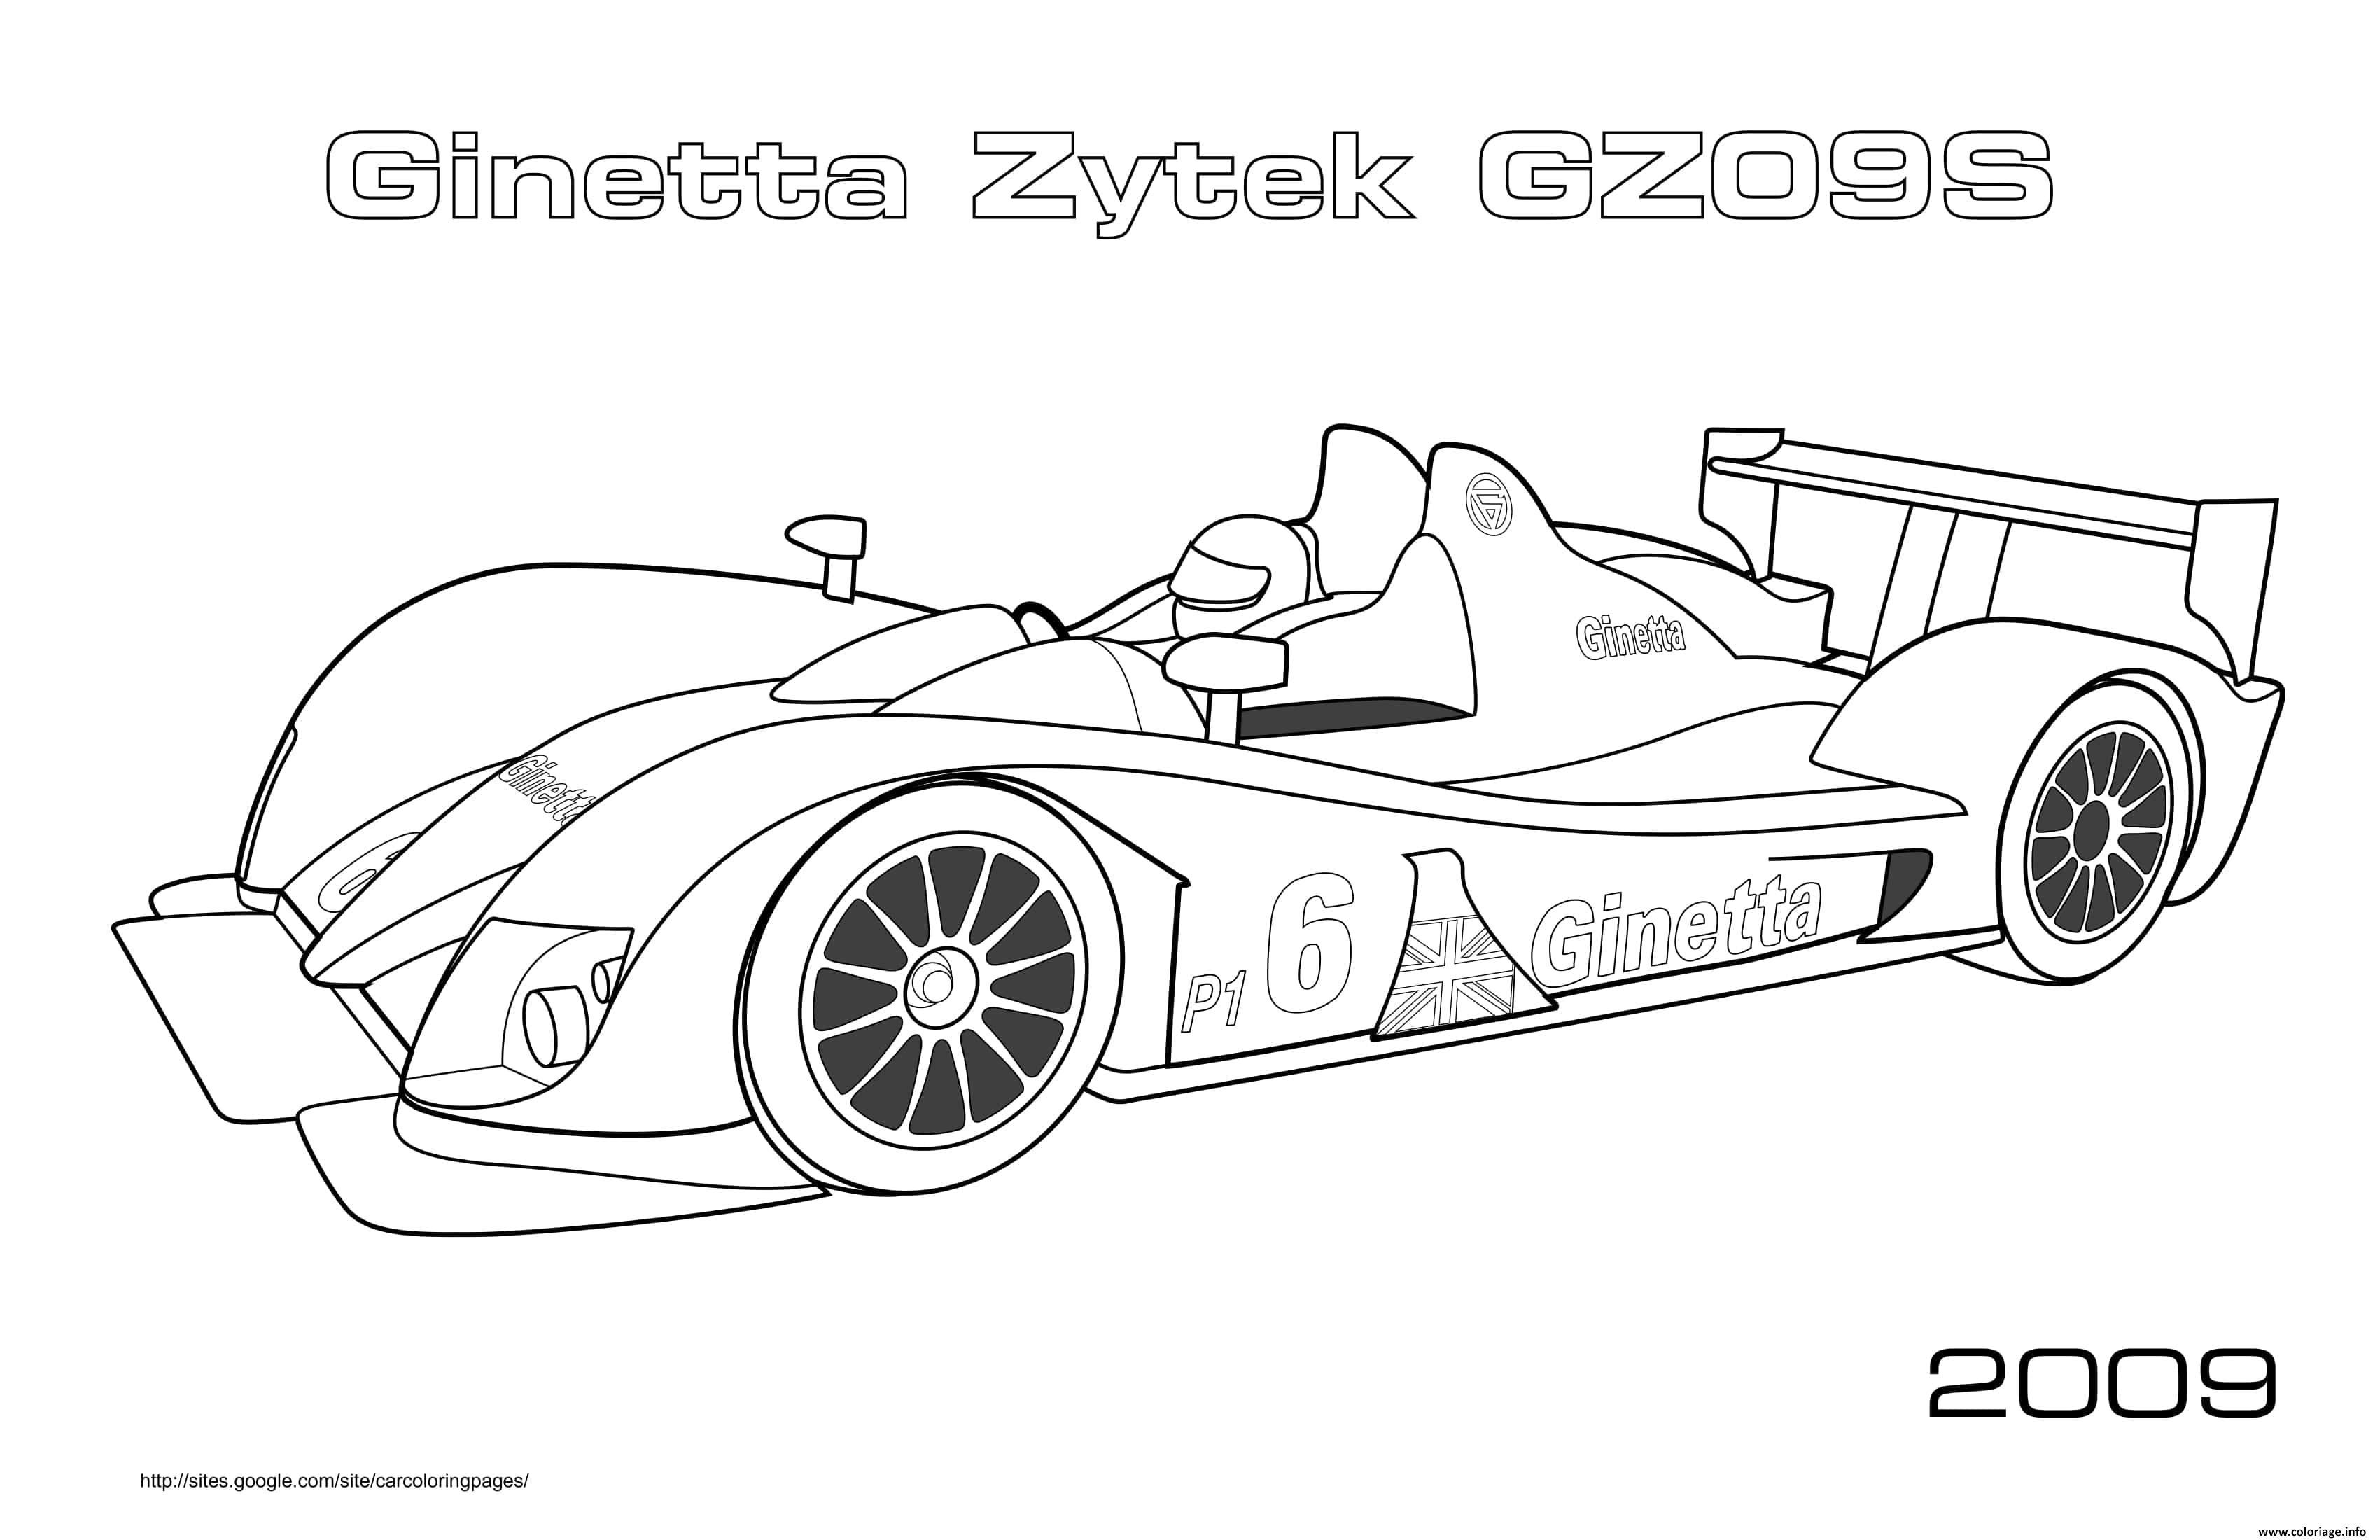 Dessin Sport F1 Ginetta Zytek Gz09s 2009 Coloriage Gratuit à Imprimer